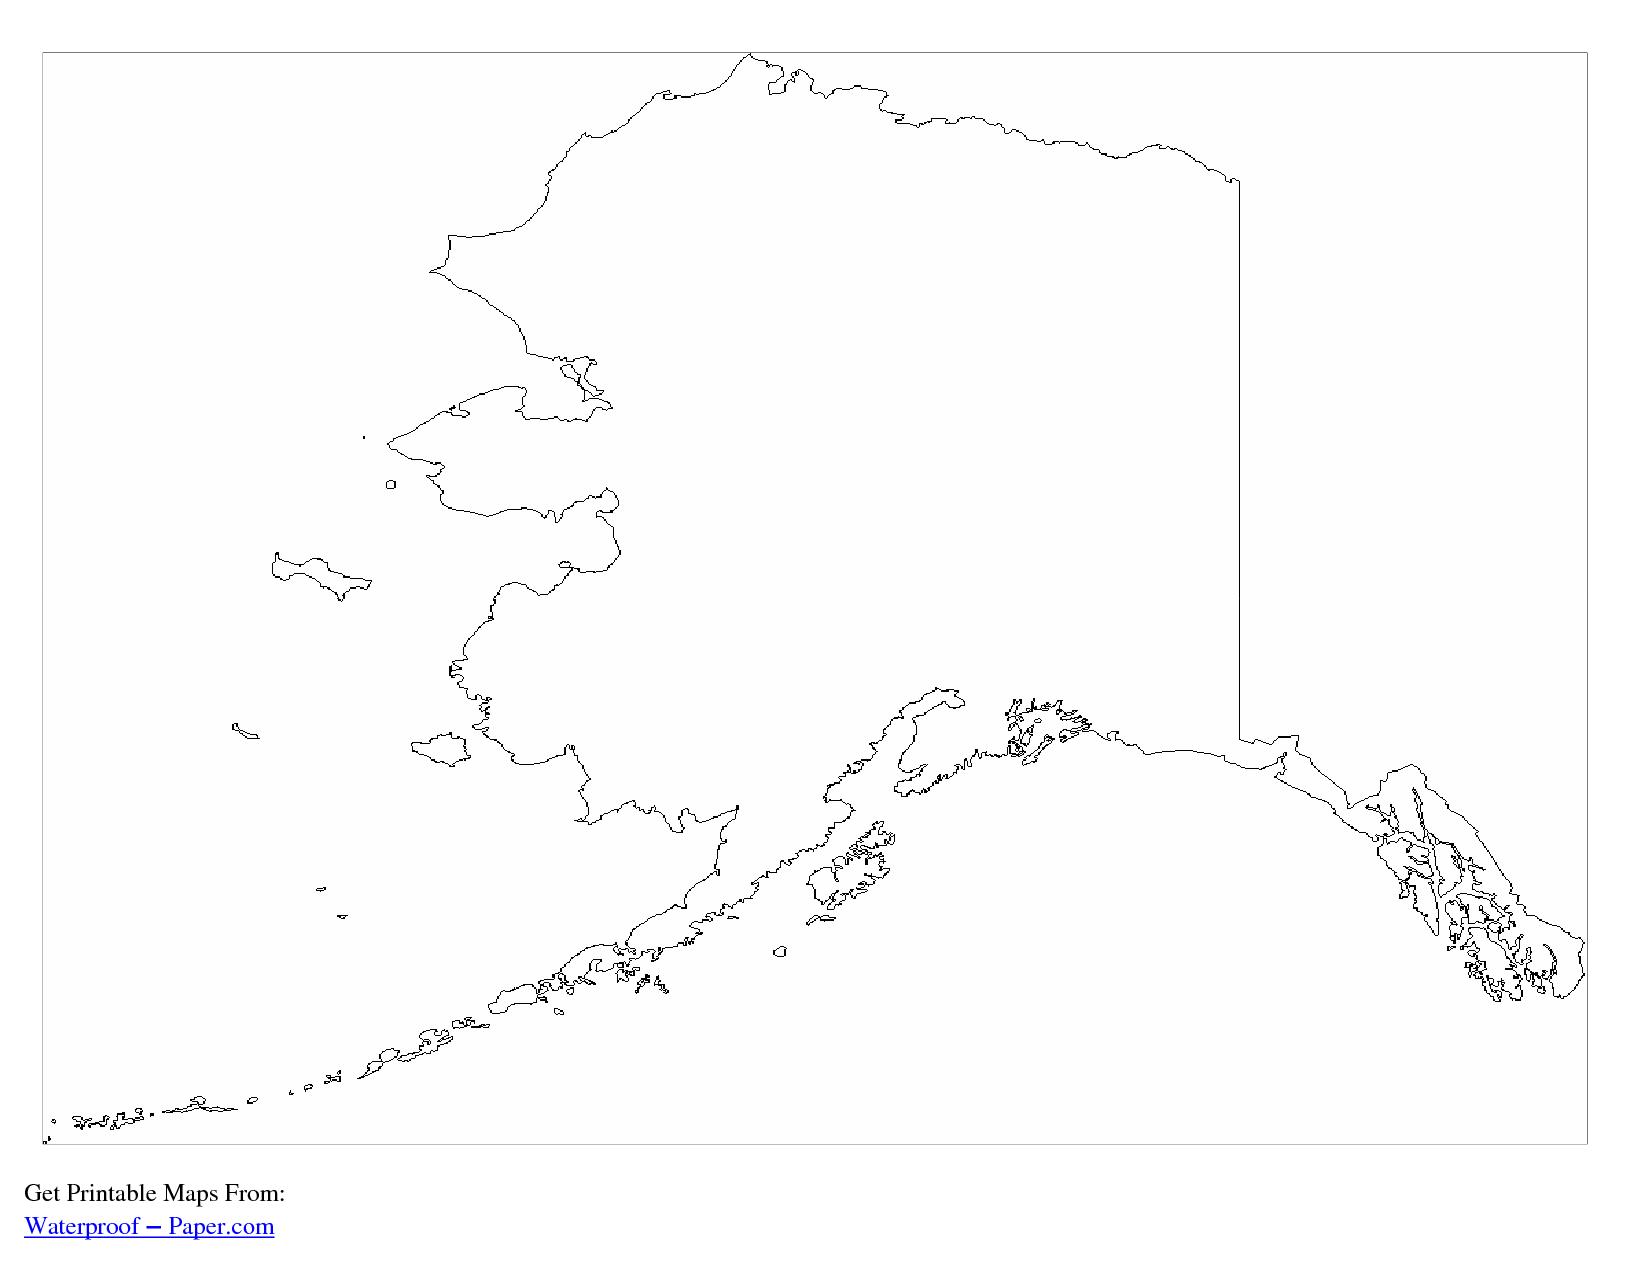 Alaska Outline Map | Printable World Maps - Coloring Home